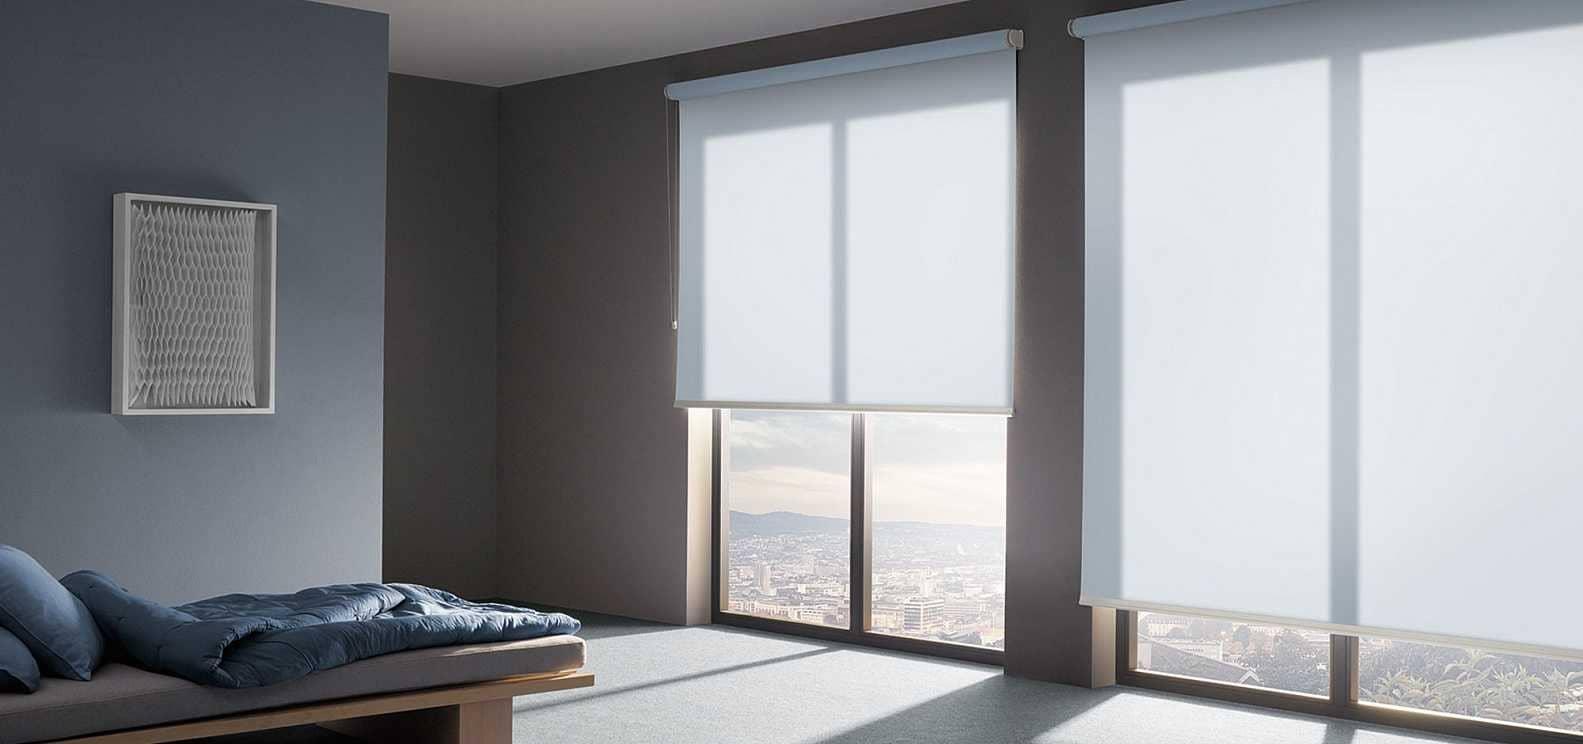 Рулонные шторы - плюсы и минусы установки, выбор материалов 002